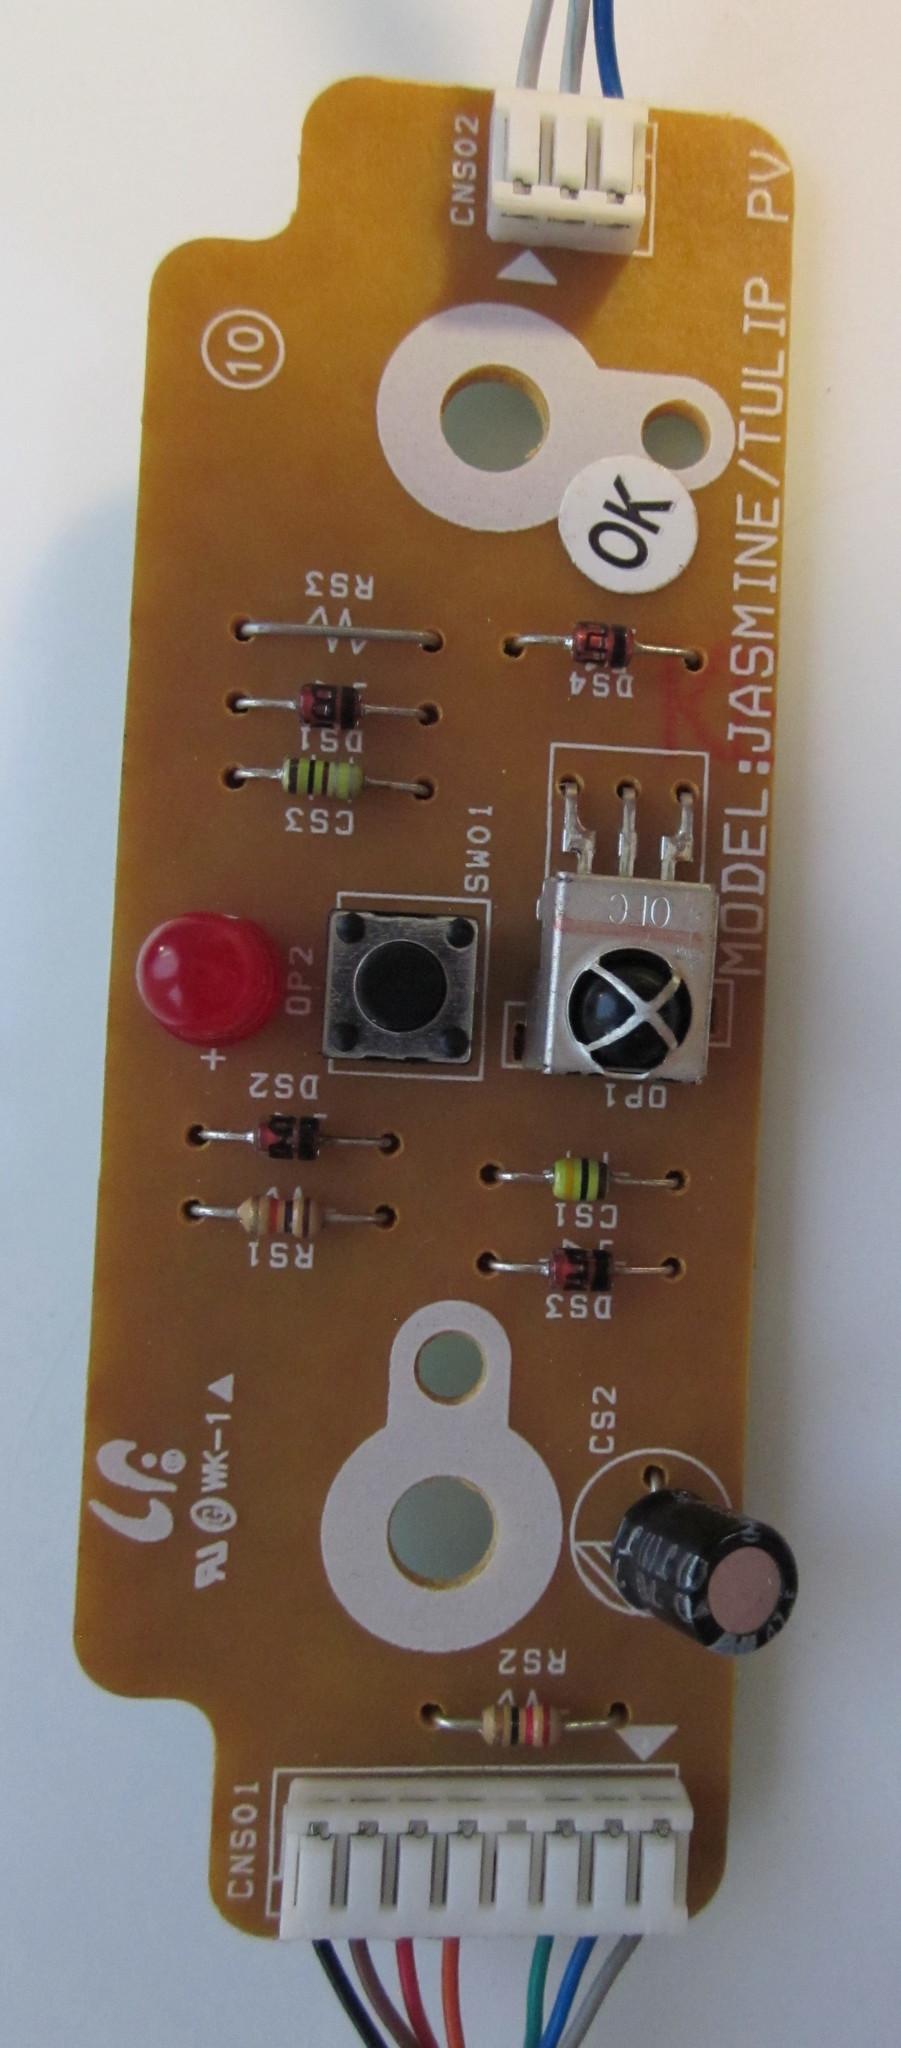 BN41-00850A